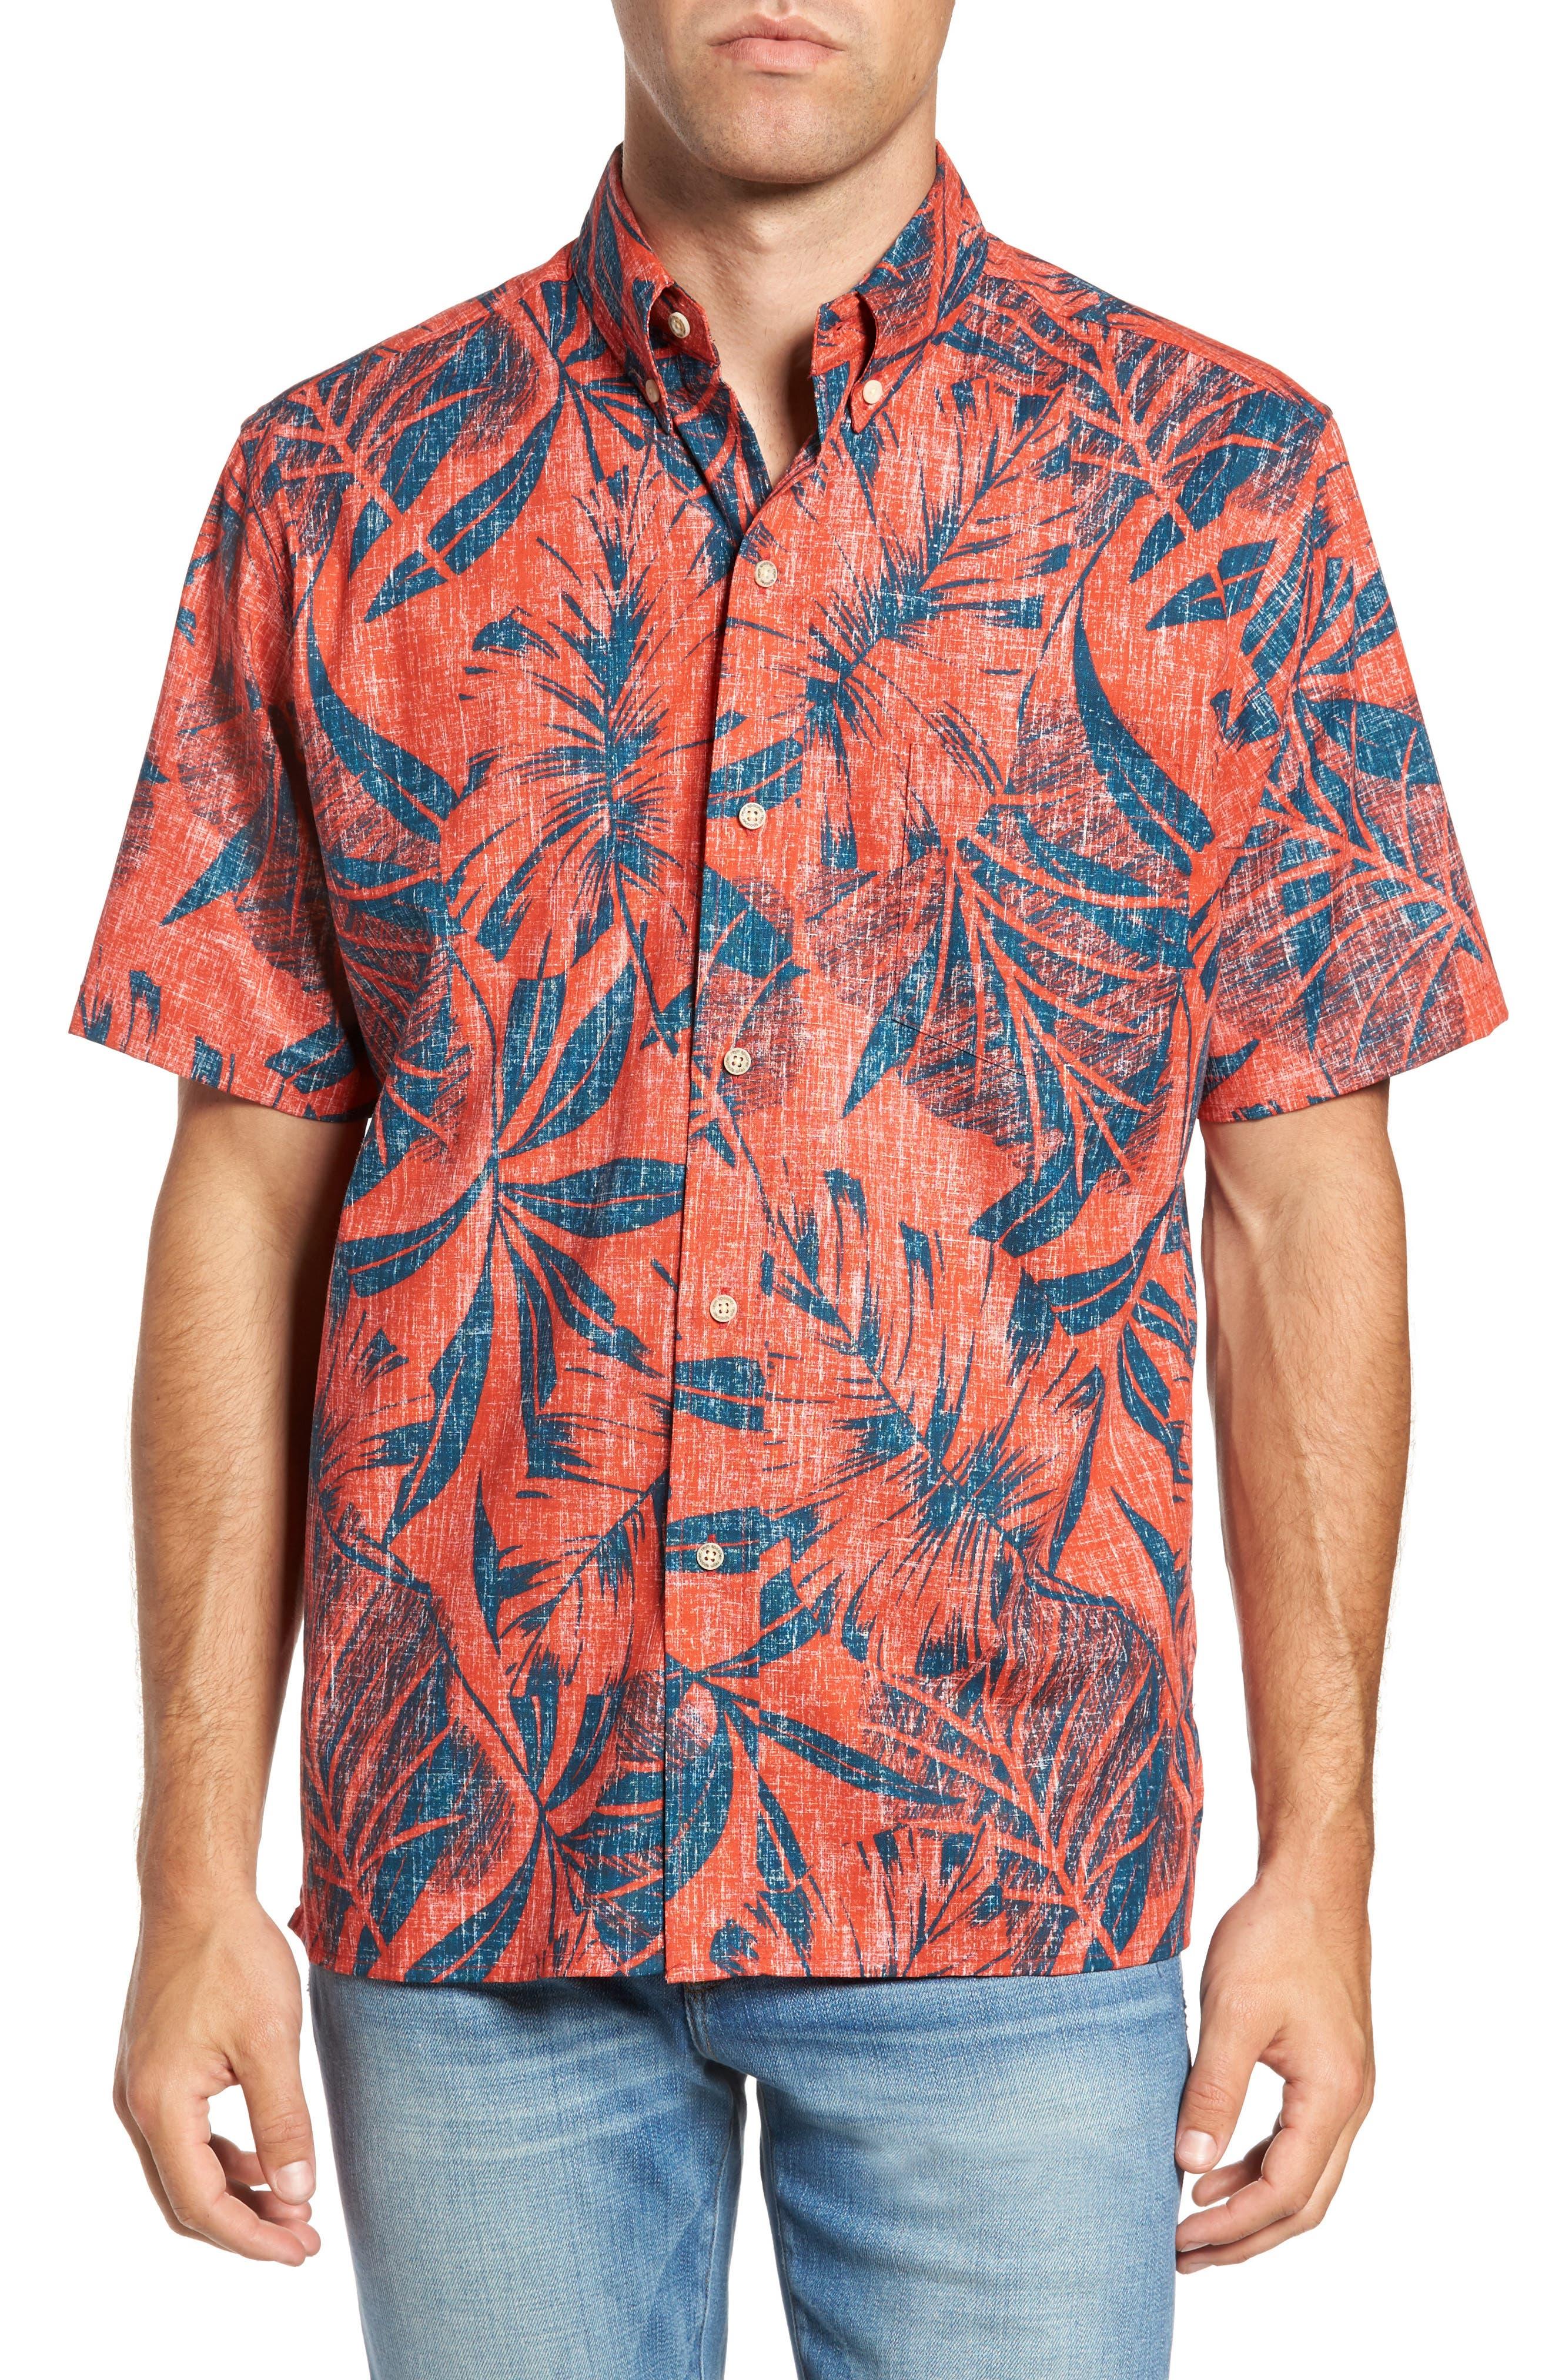 Kaha Lau Classic Fit Sport Shirt,                             Main thumbnail 1, color,                             Coral